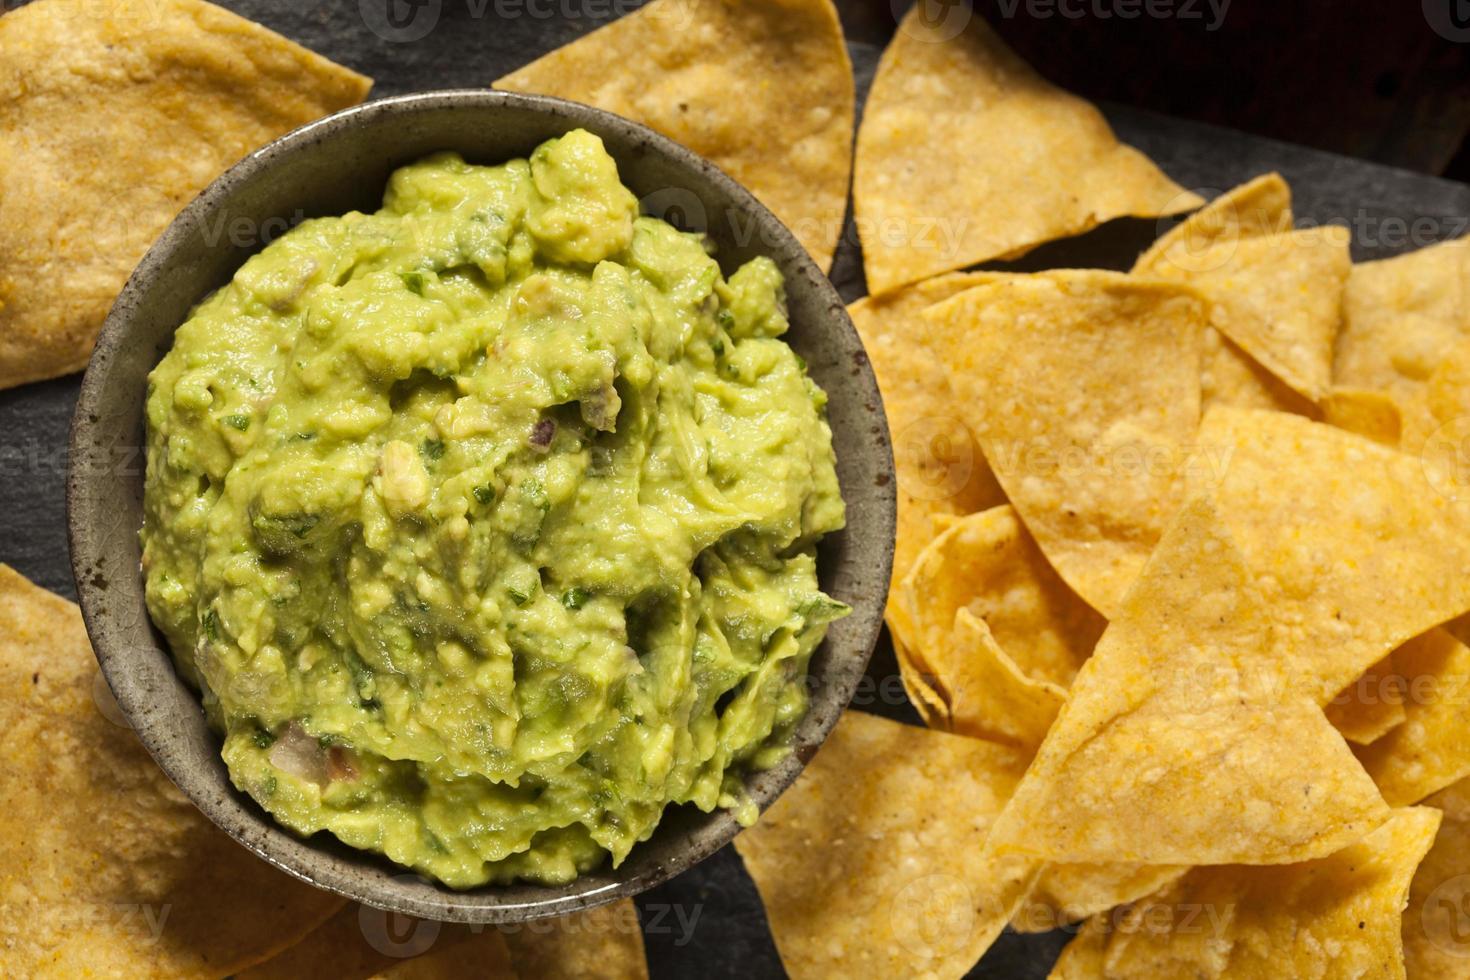 guacamole verde fatto in casa con tortilla chips foto